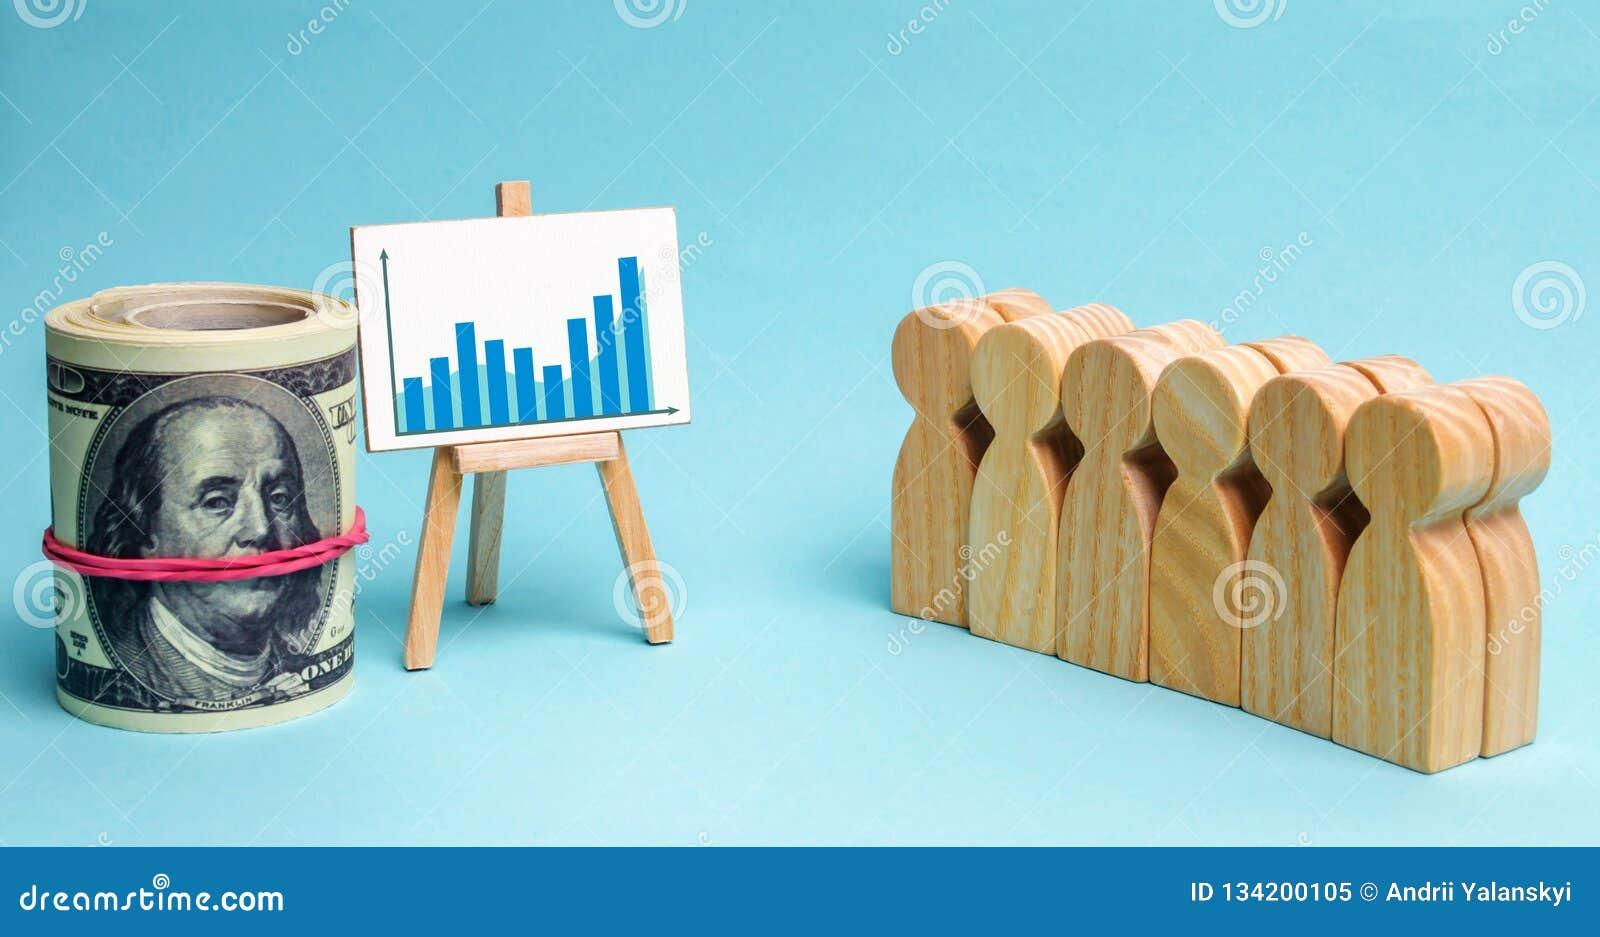 Команда дела смотрит статистику и план развития компании Принципиальная схема стратегии бизнеса Анализ результатов